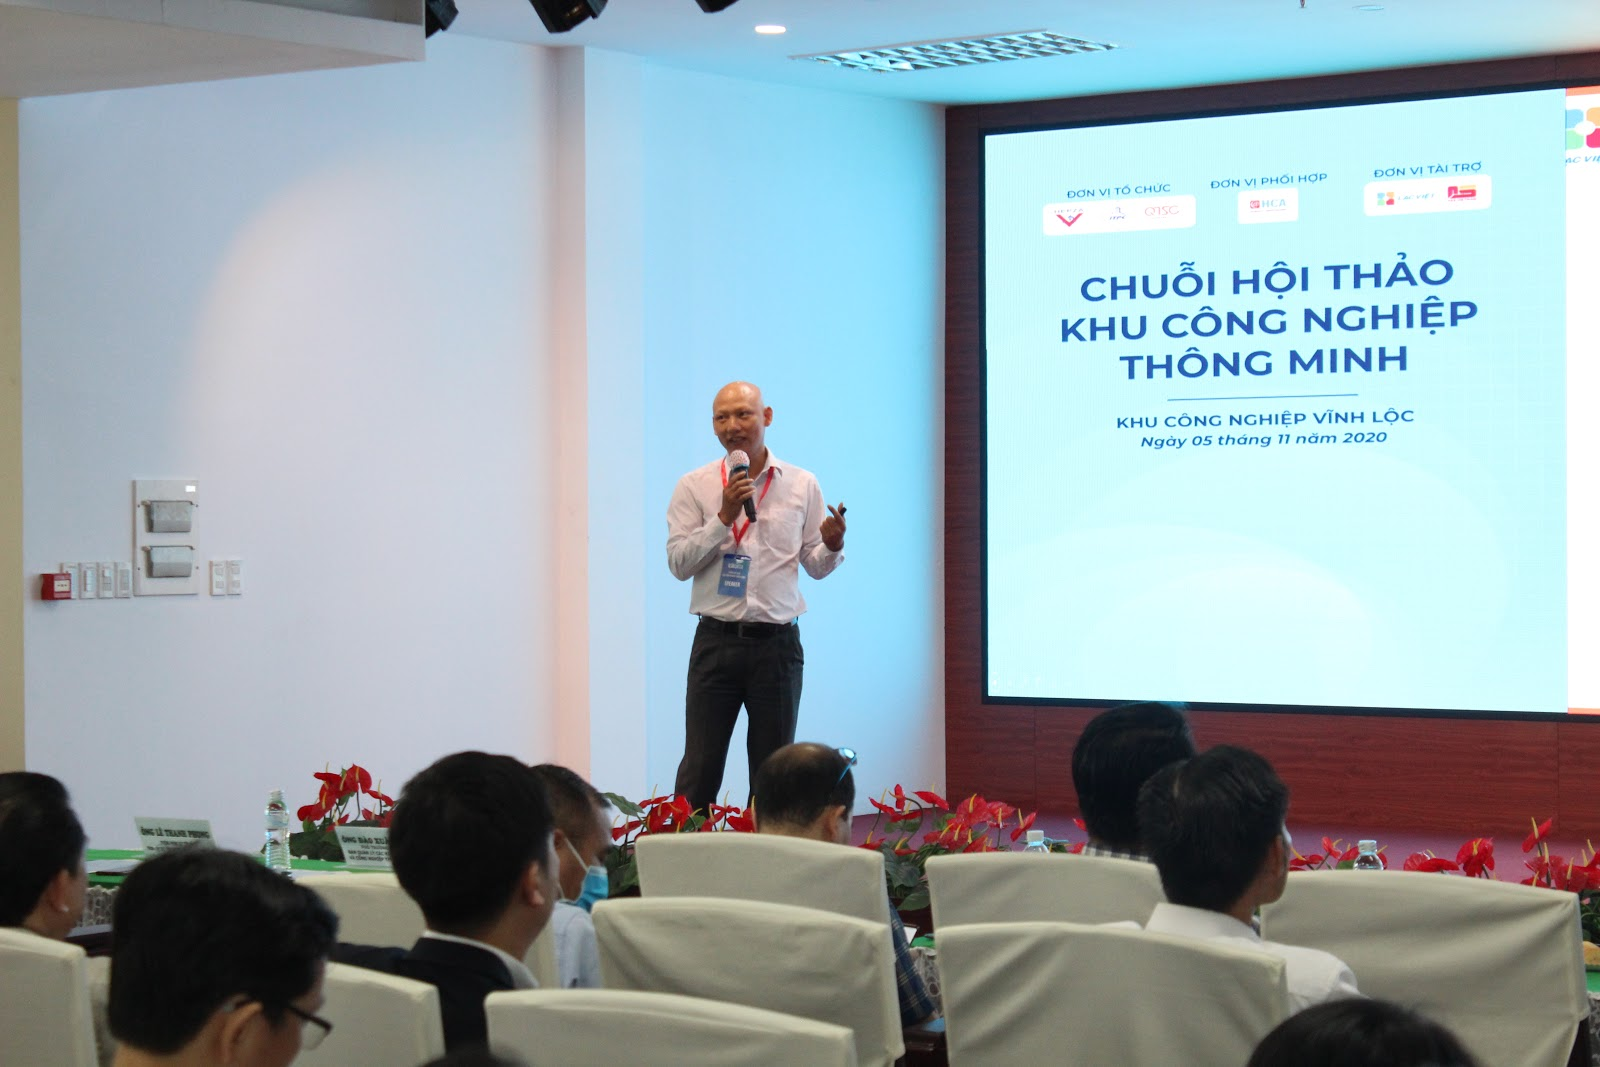 Ông Phạm Hữu Thời – Giám đốc phát triển ERP, Công ty CP Tin học Lạc Việt giới thiệu giải pháp LV SureERP tại hội thảo